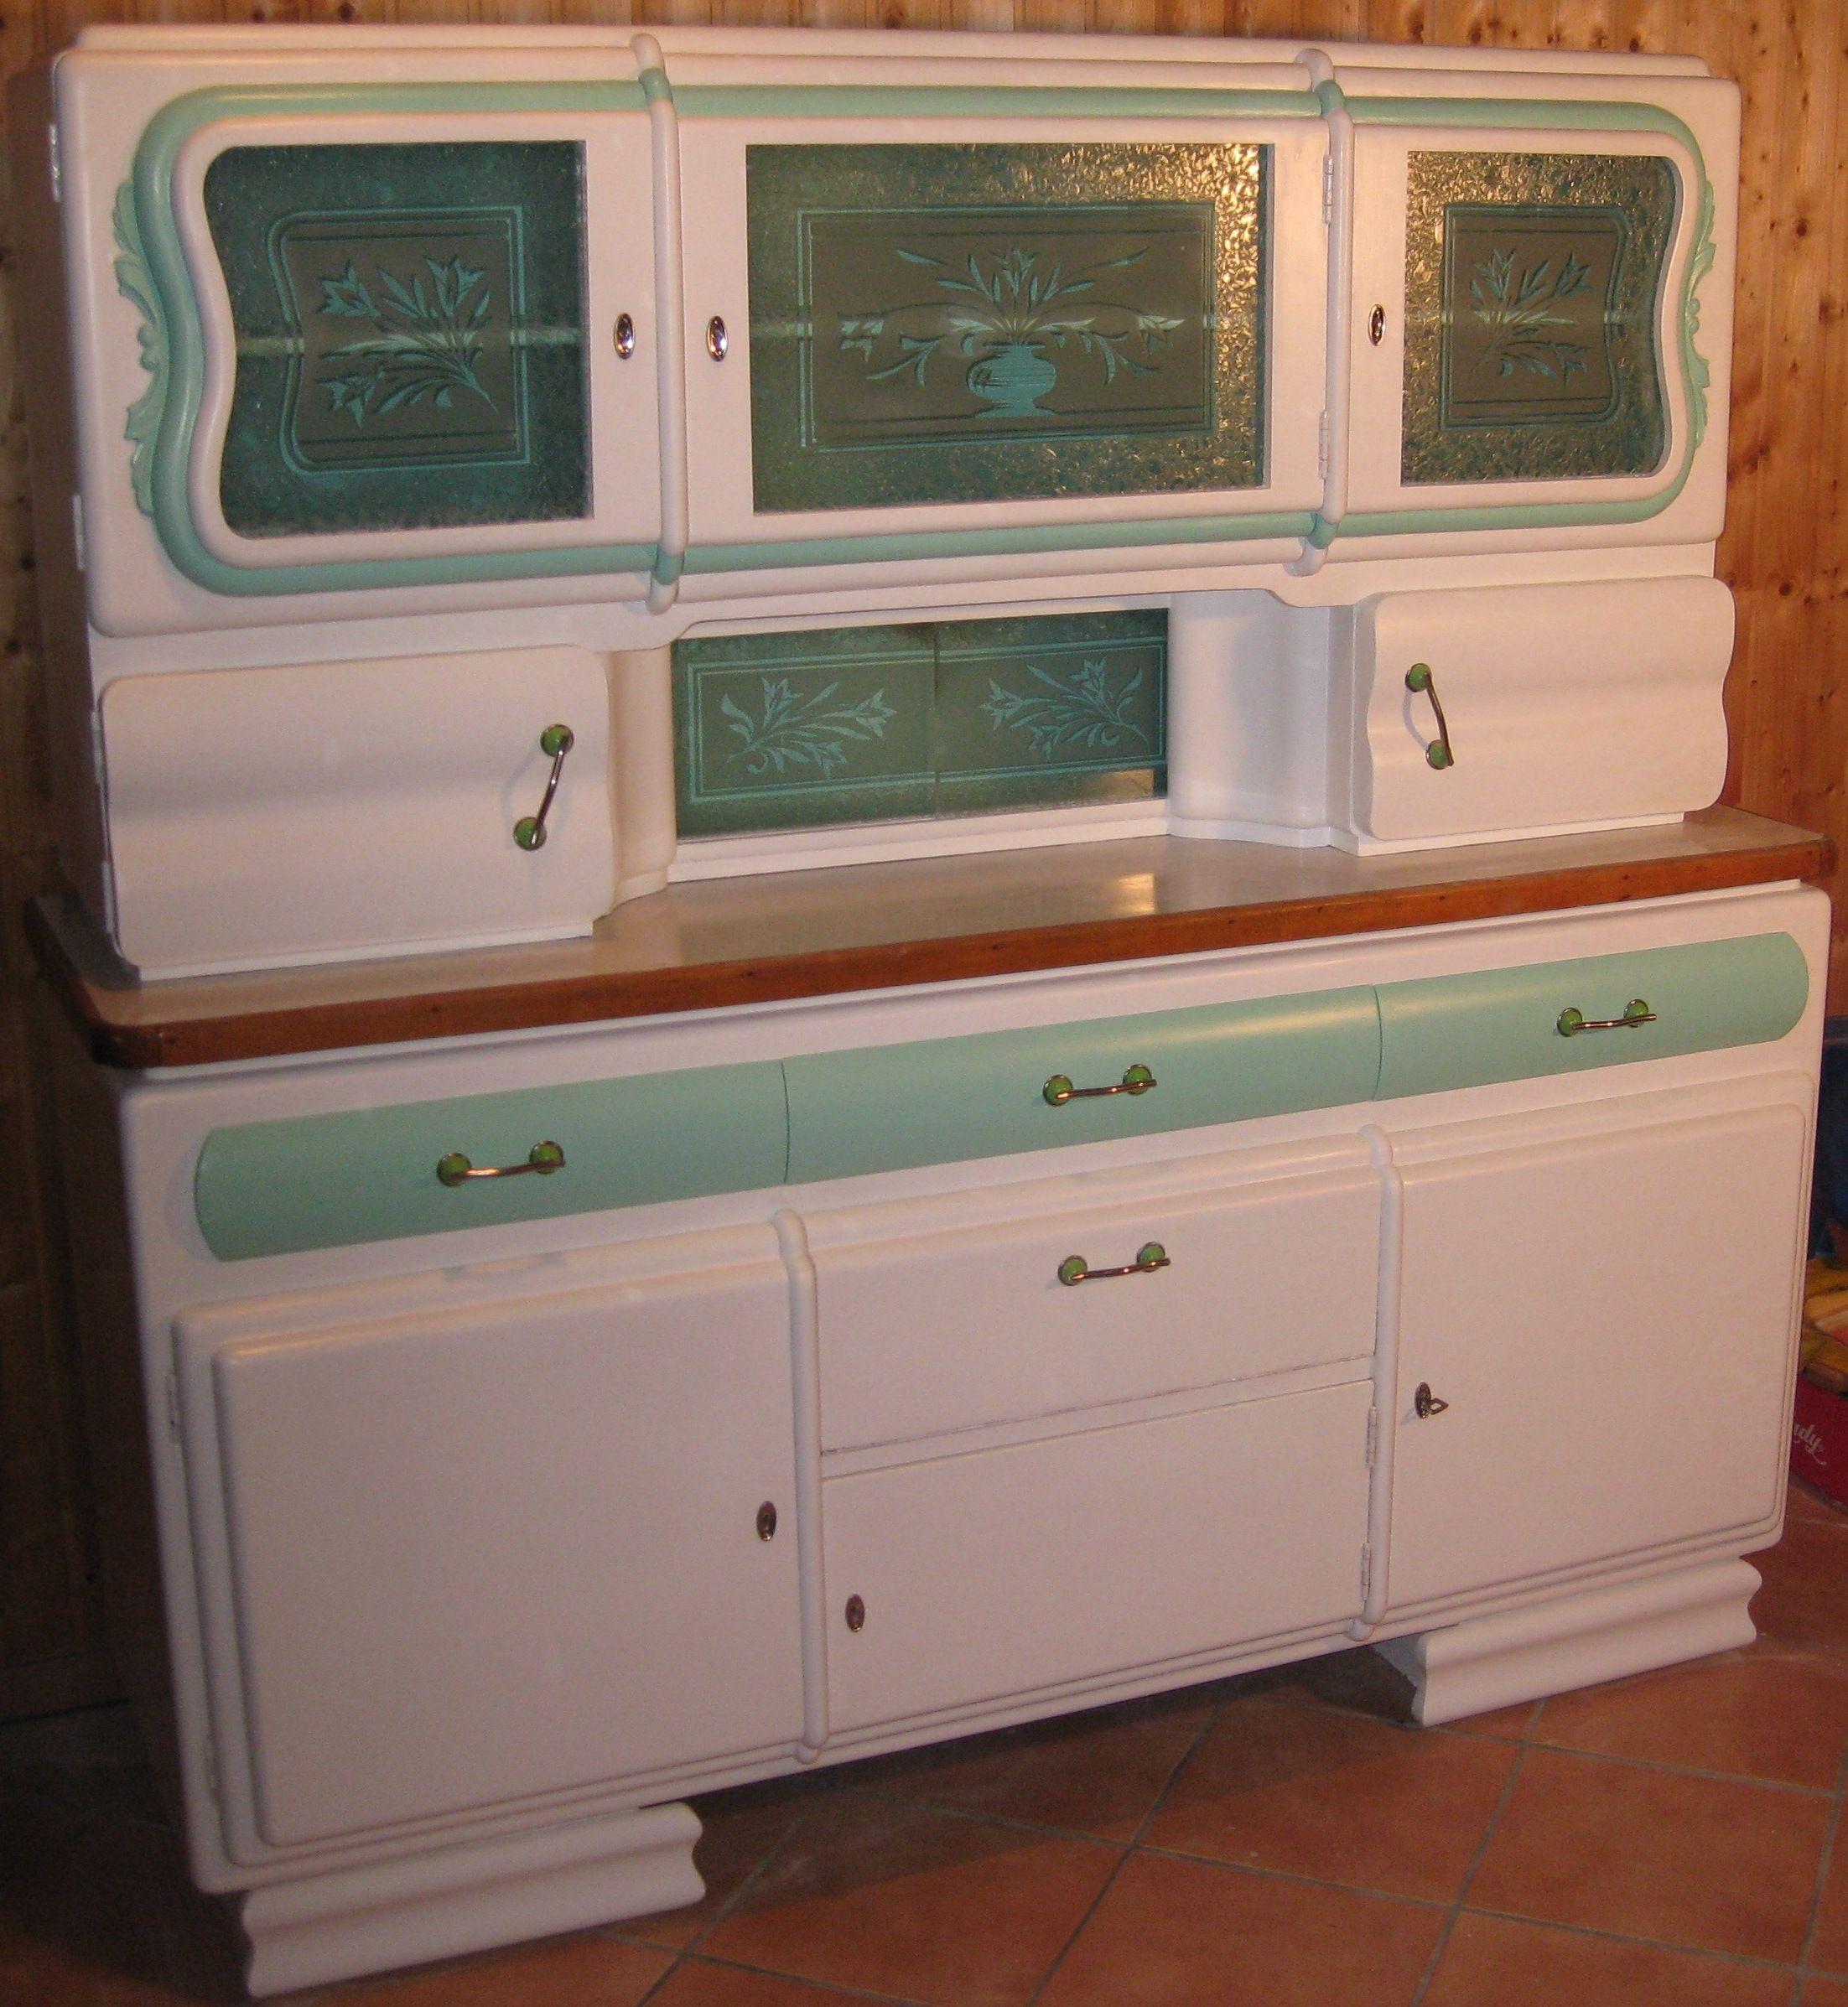 Dies ist ein Küchenbuffet aus den 30er Jahren Wir haben